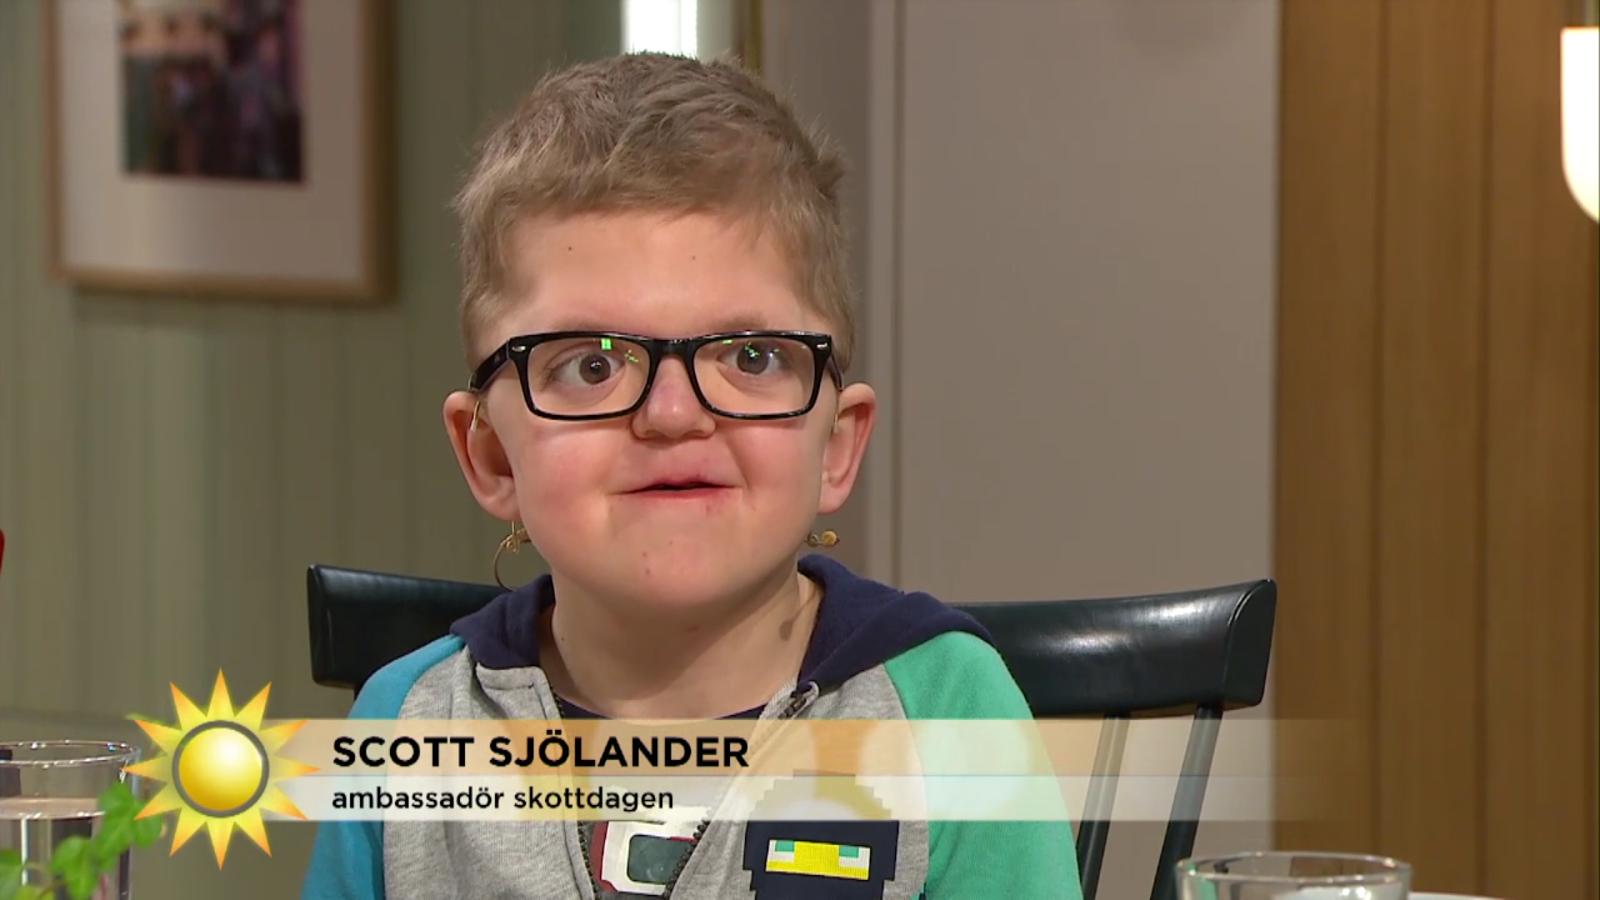 Scott Sjölander blogg om Aperts Syndrom